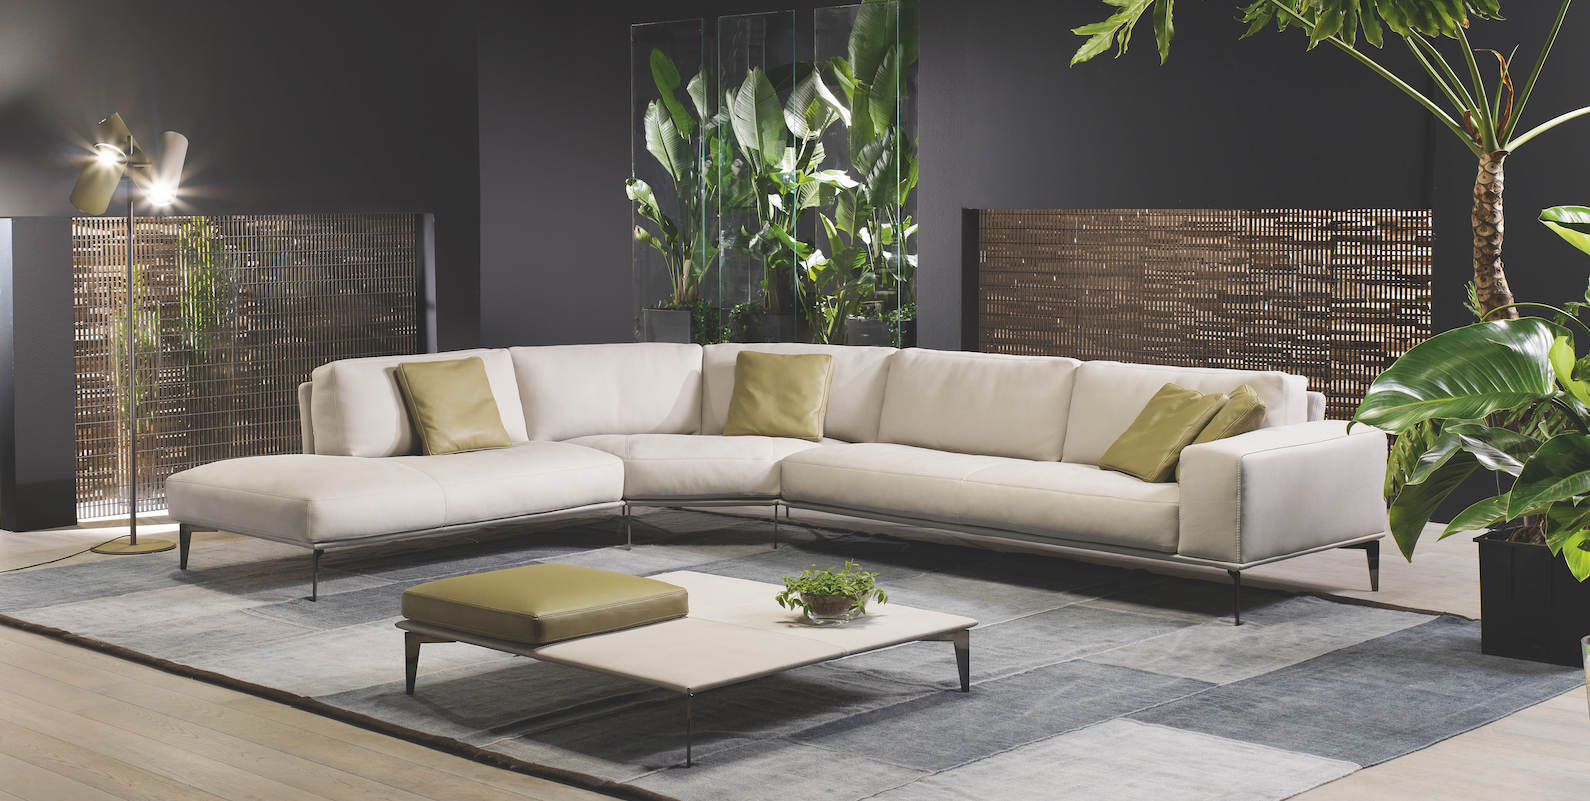 ambiente by hesse m bel hesse. Black Bedroom Furniture Sets. Home Design Ideas